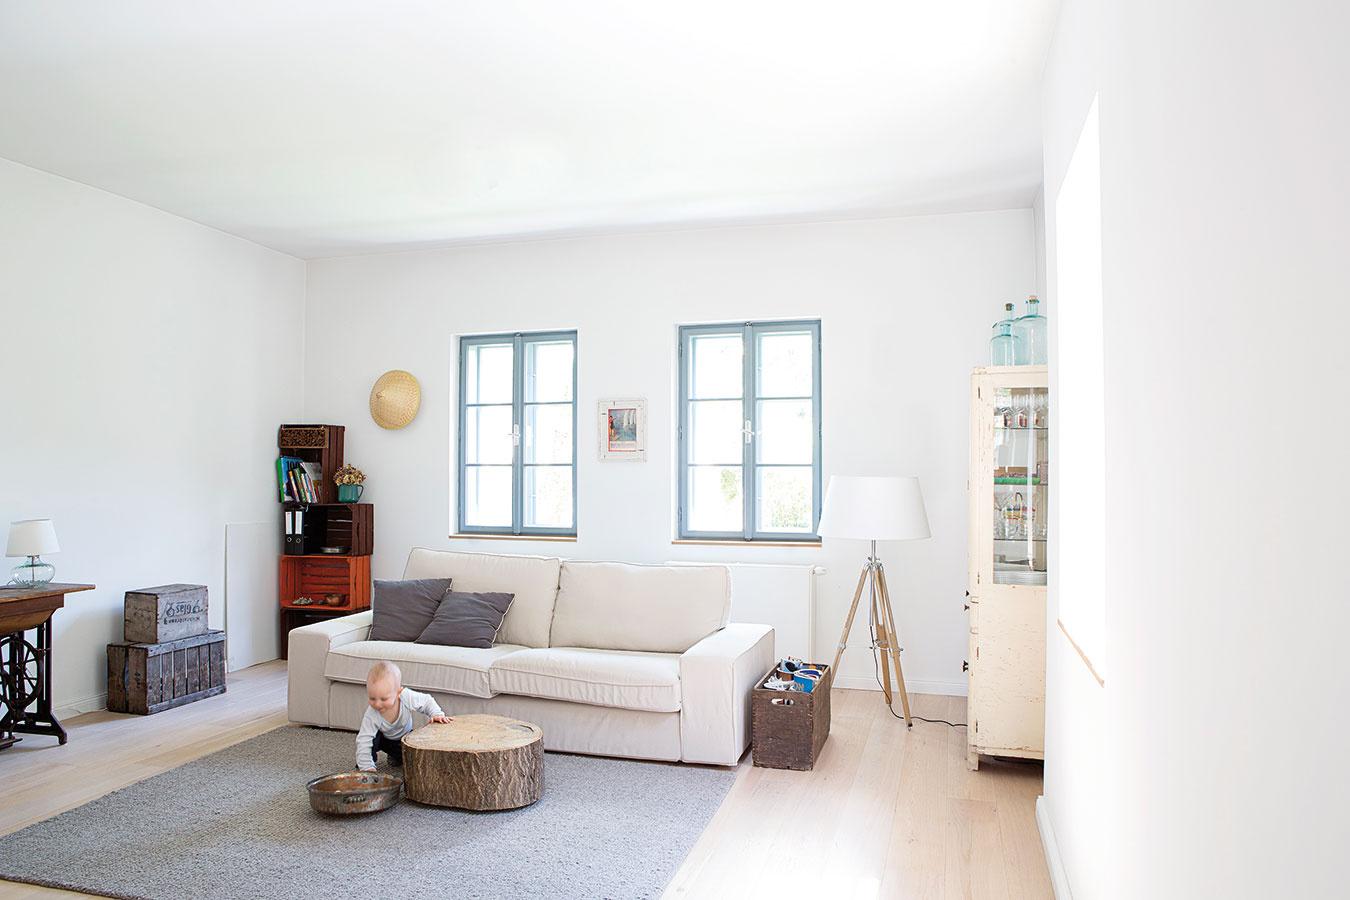 Vo farbách je jednota. Vďaka bielym stenám vcelom dome asvetlej neutrálnej farebnosti pôsobí interiér celistvo, čisto aharmonicky. Ďalším efektom jeoptické zväčšenie vnútorného priestoru.